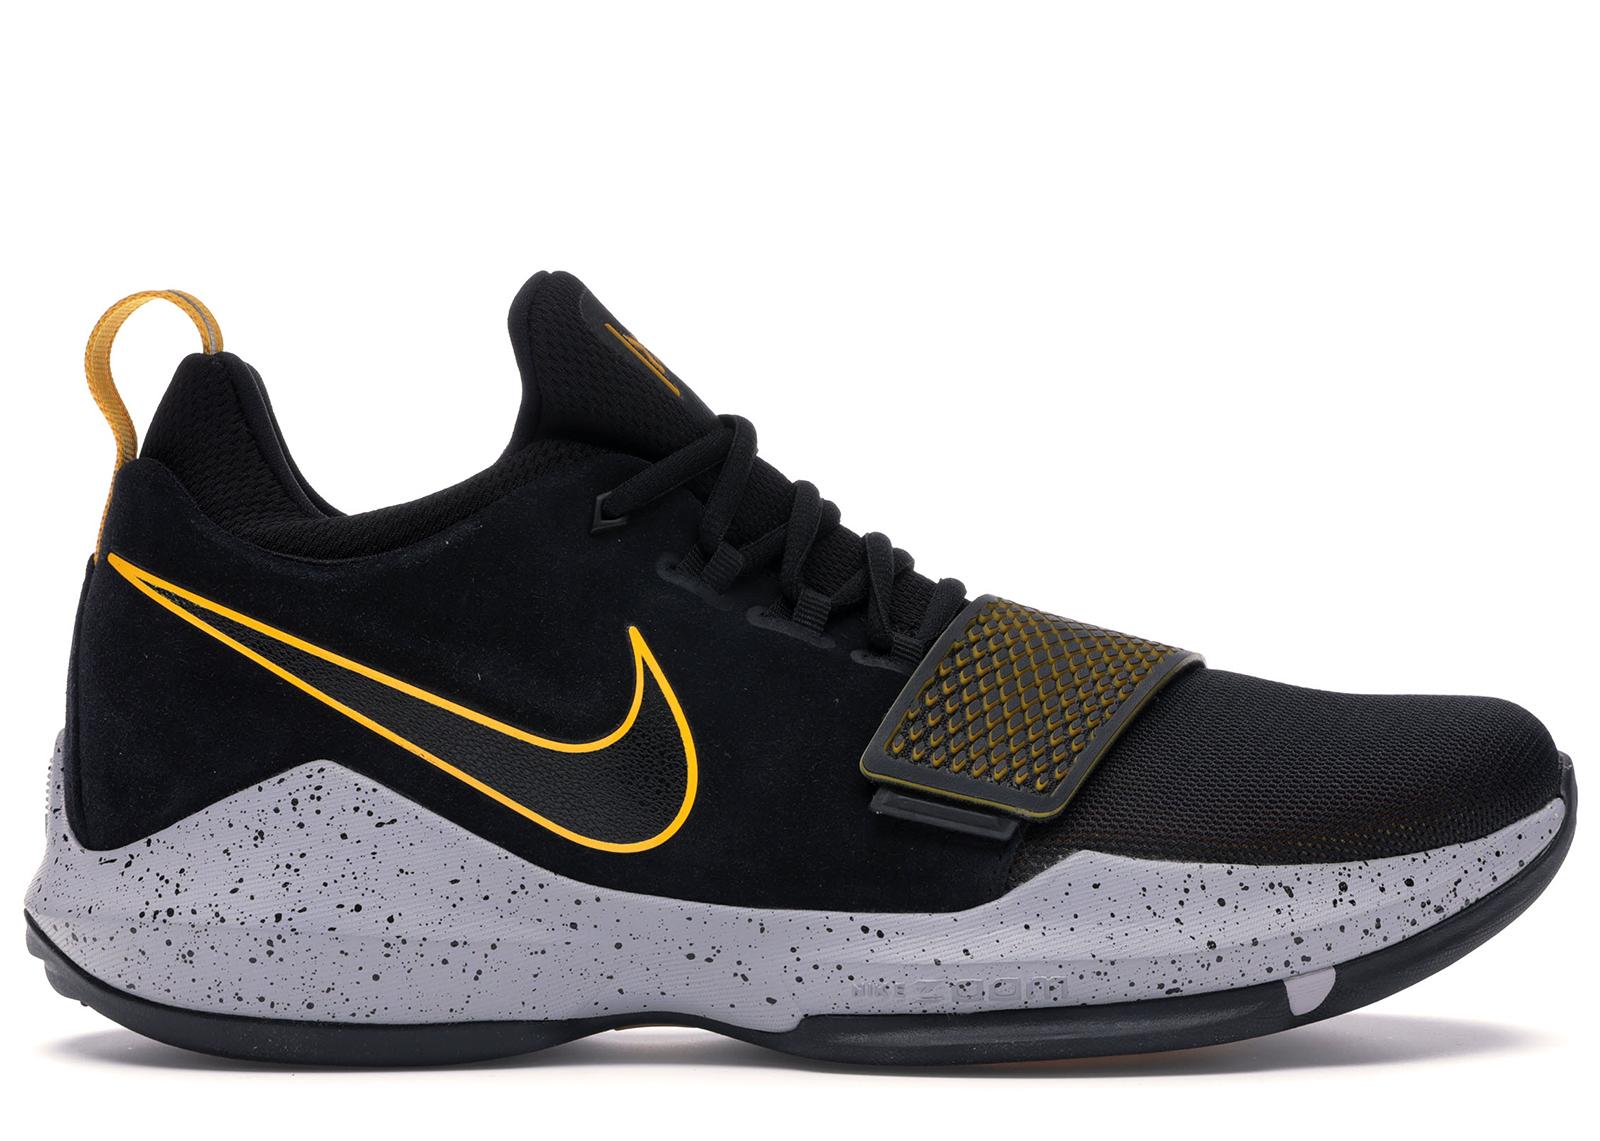 Nike PG1 878627-006 Black//University Gold New Men/'s